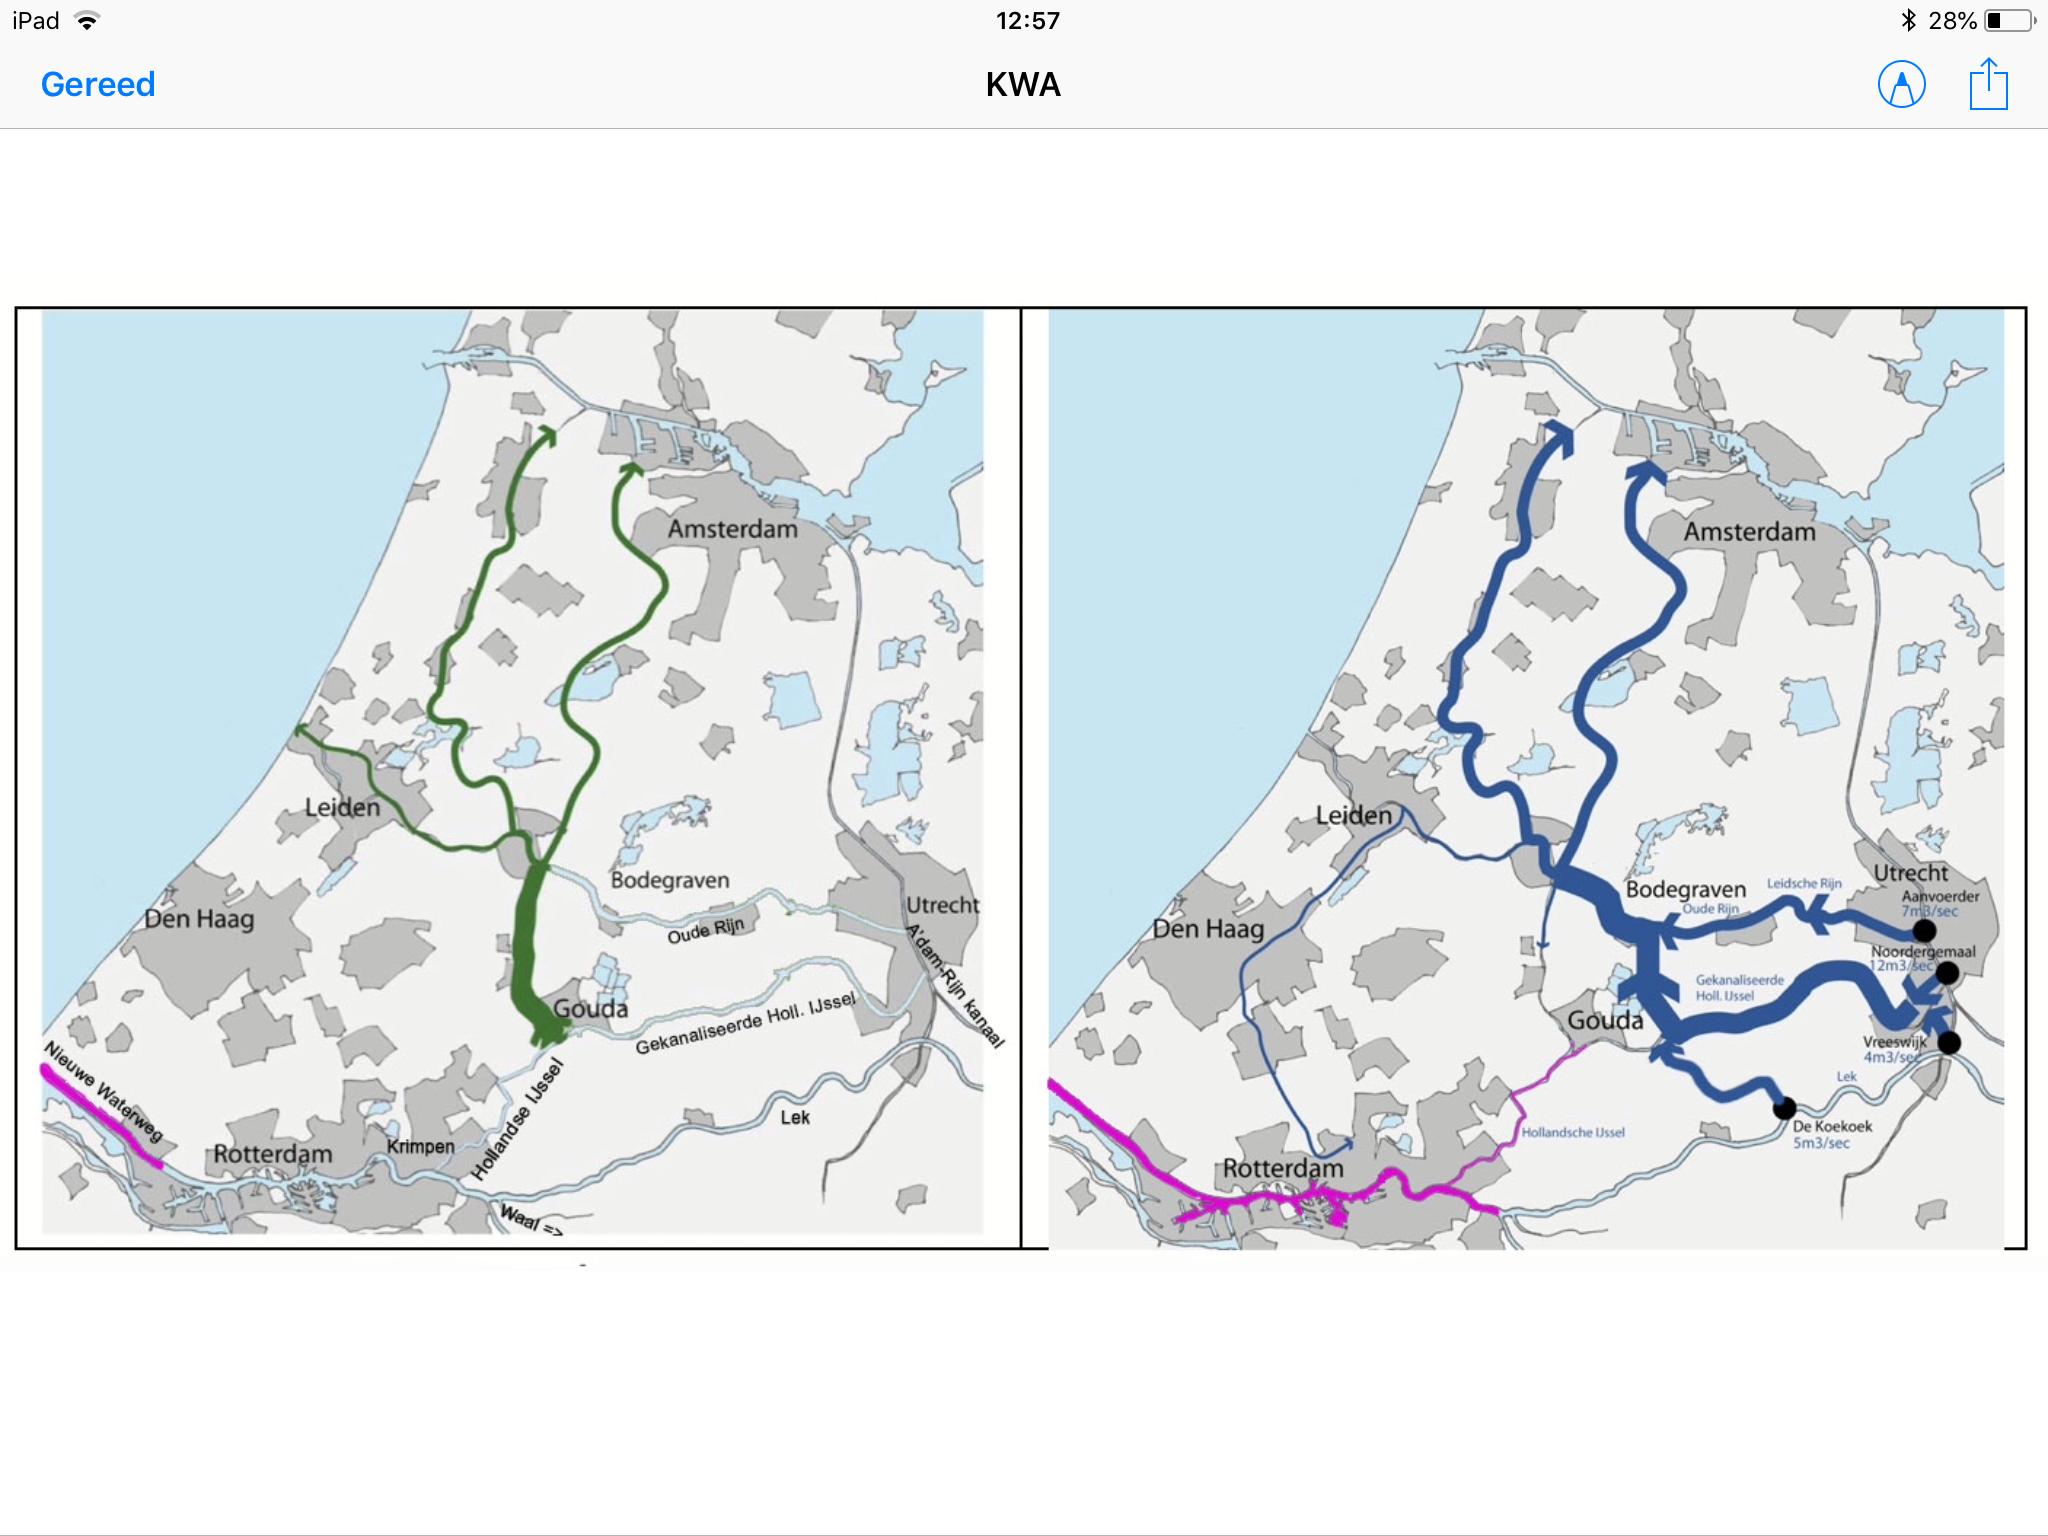 Aanvoerroute zoetwater onder normale omstandigheden (links) en KWA (rechts)